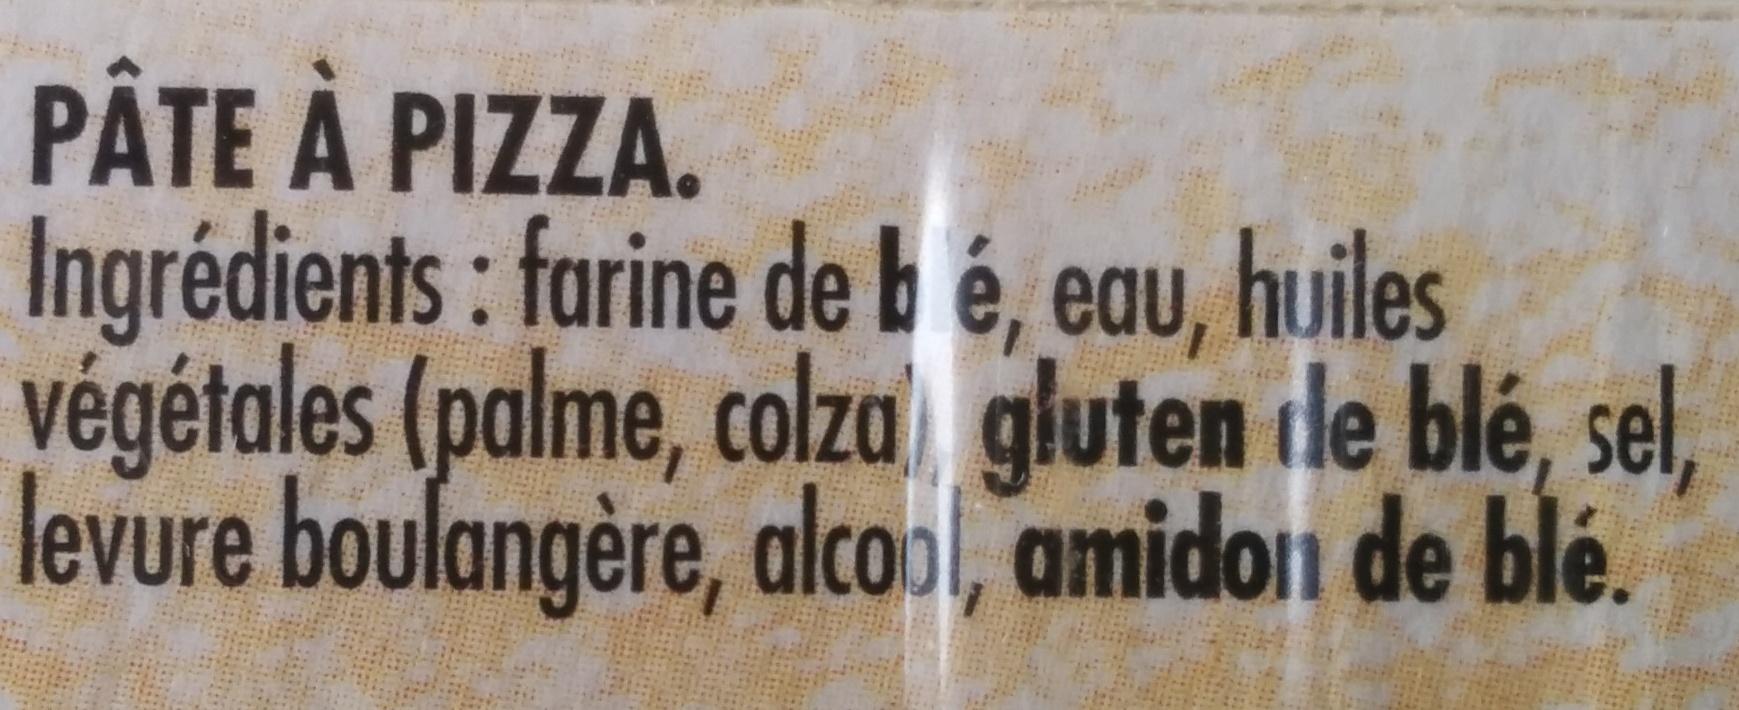 Pâte à pizza Epaisse et Ronde - Ingrédients - fr